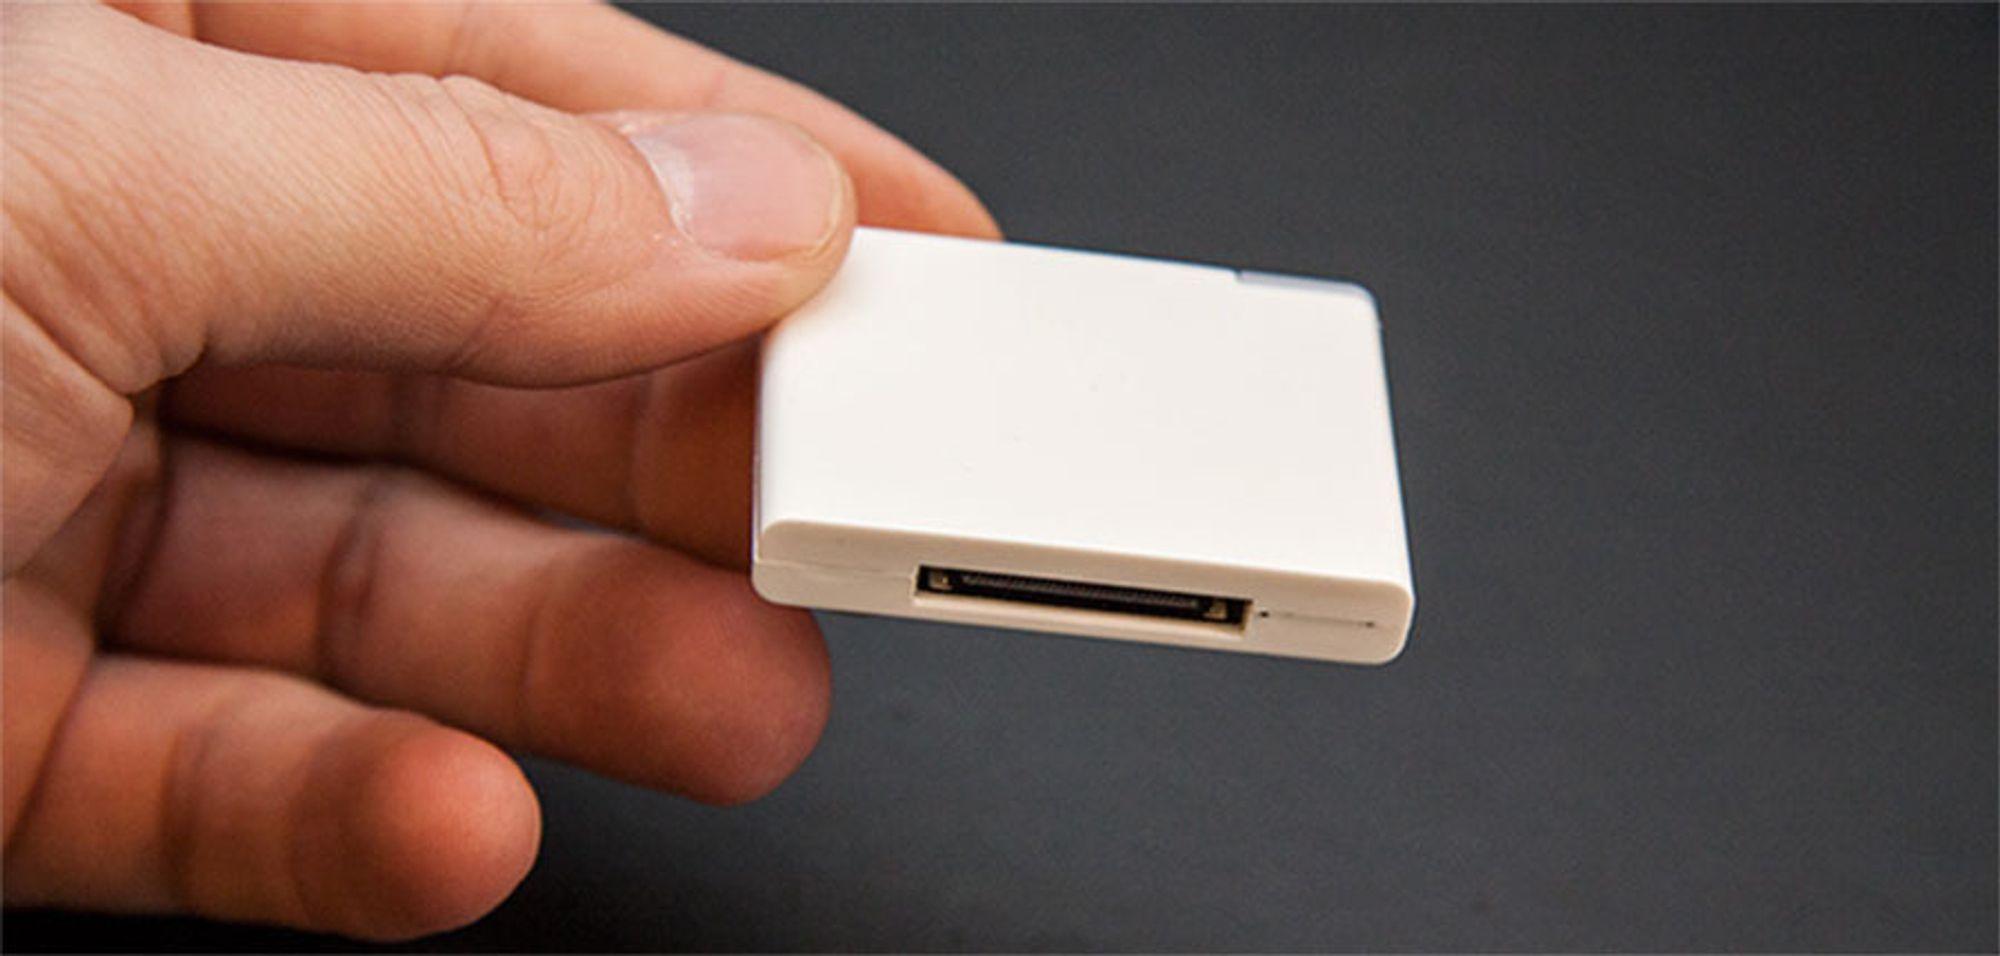 Vinn dings som gjør iPhone-høyttalerne trådløse